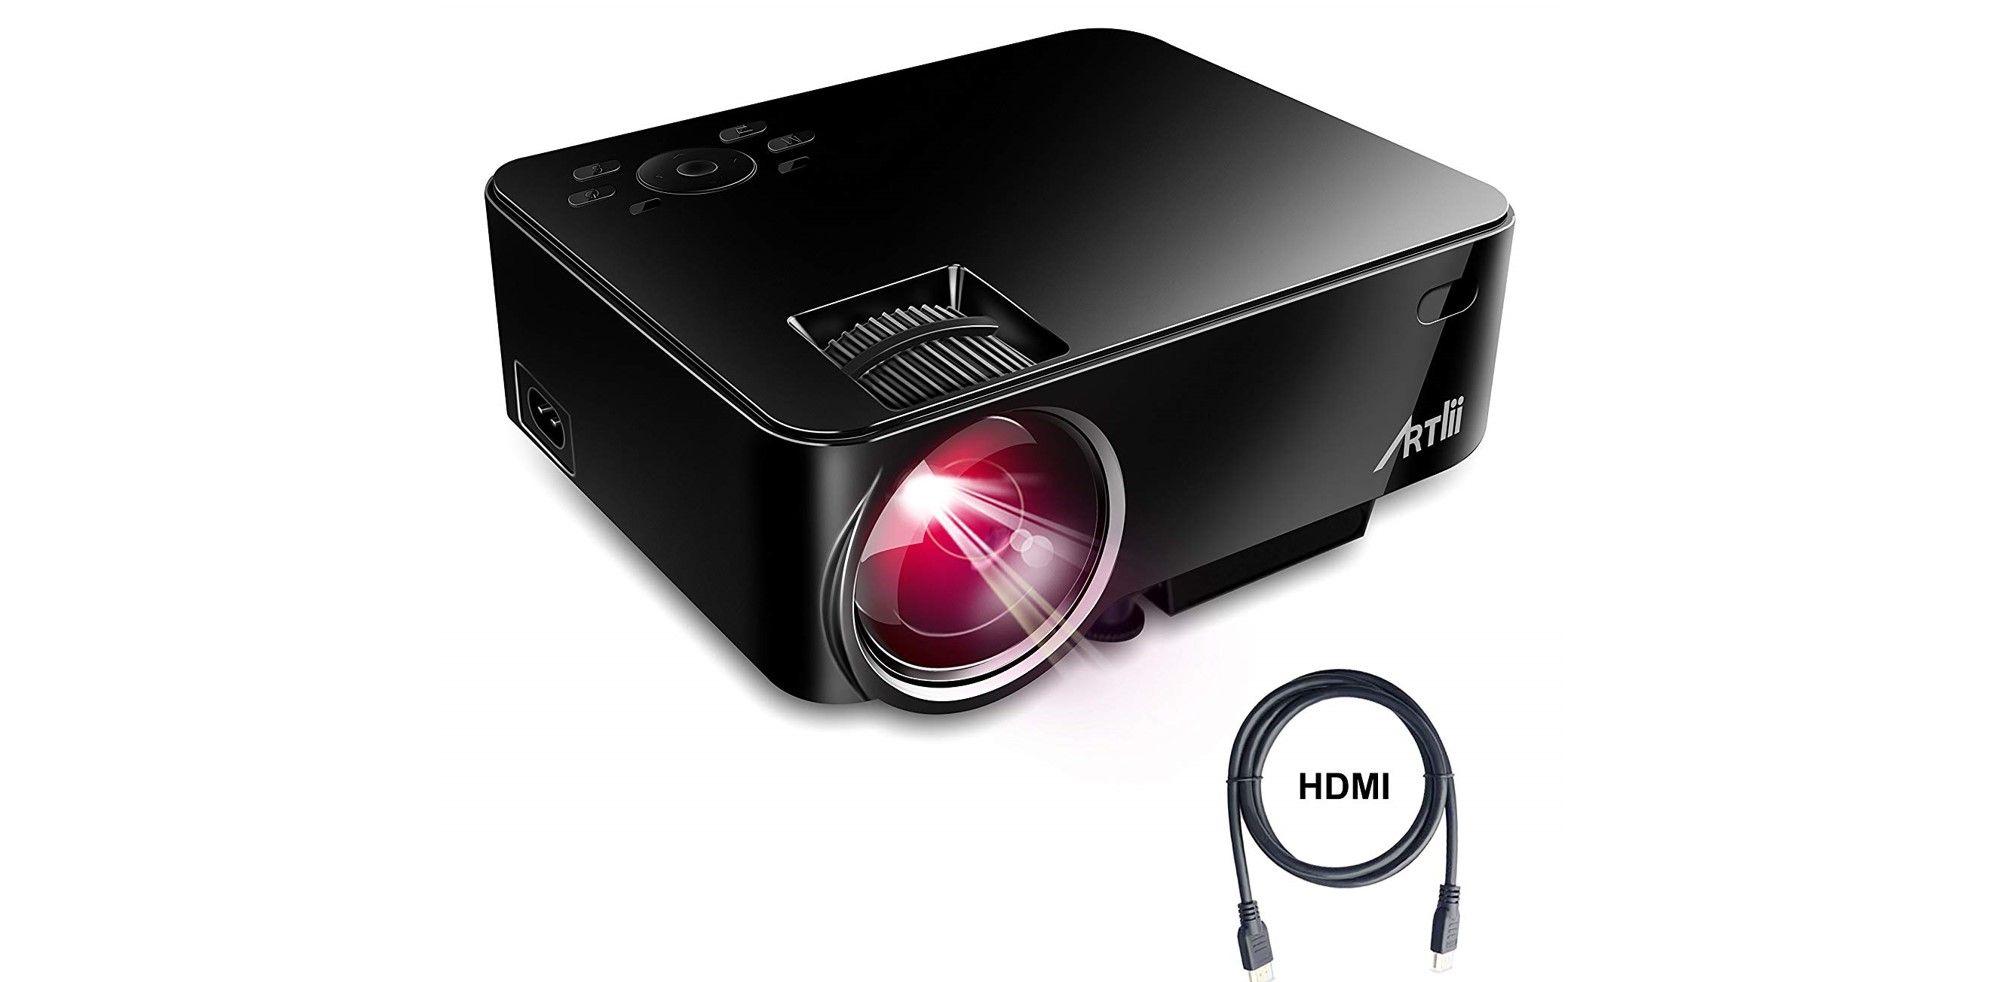 Comment Choisir Un Vidéoprojecteur comparatif : quel est le meilleur vidéo projecteur ?